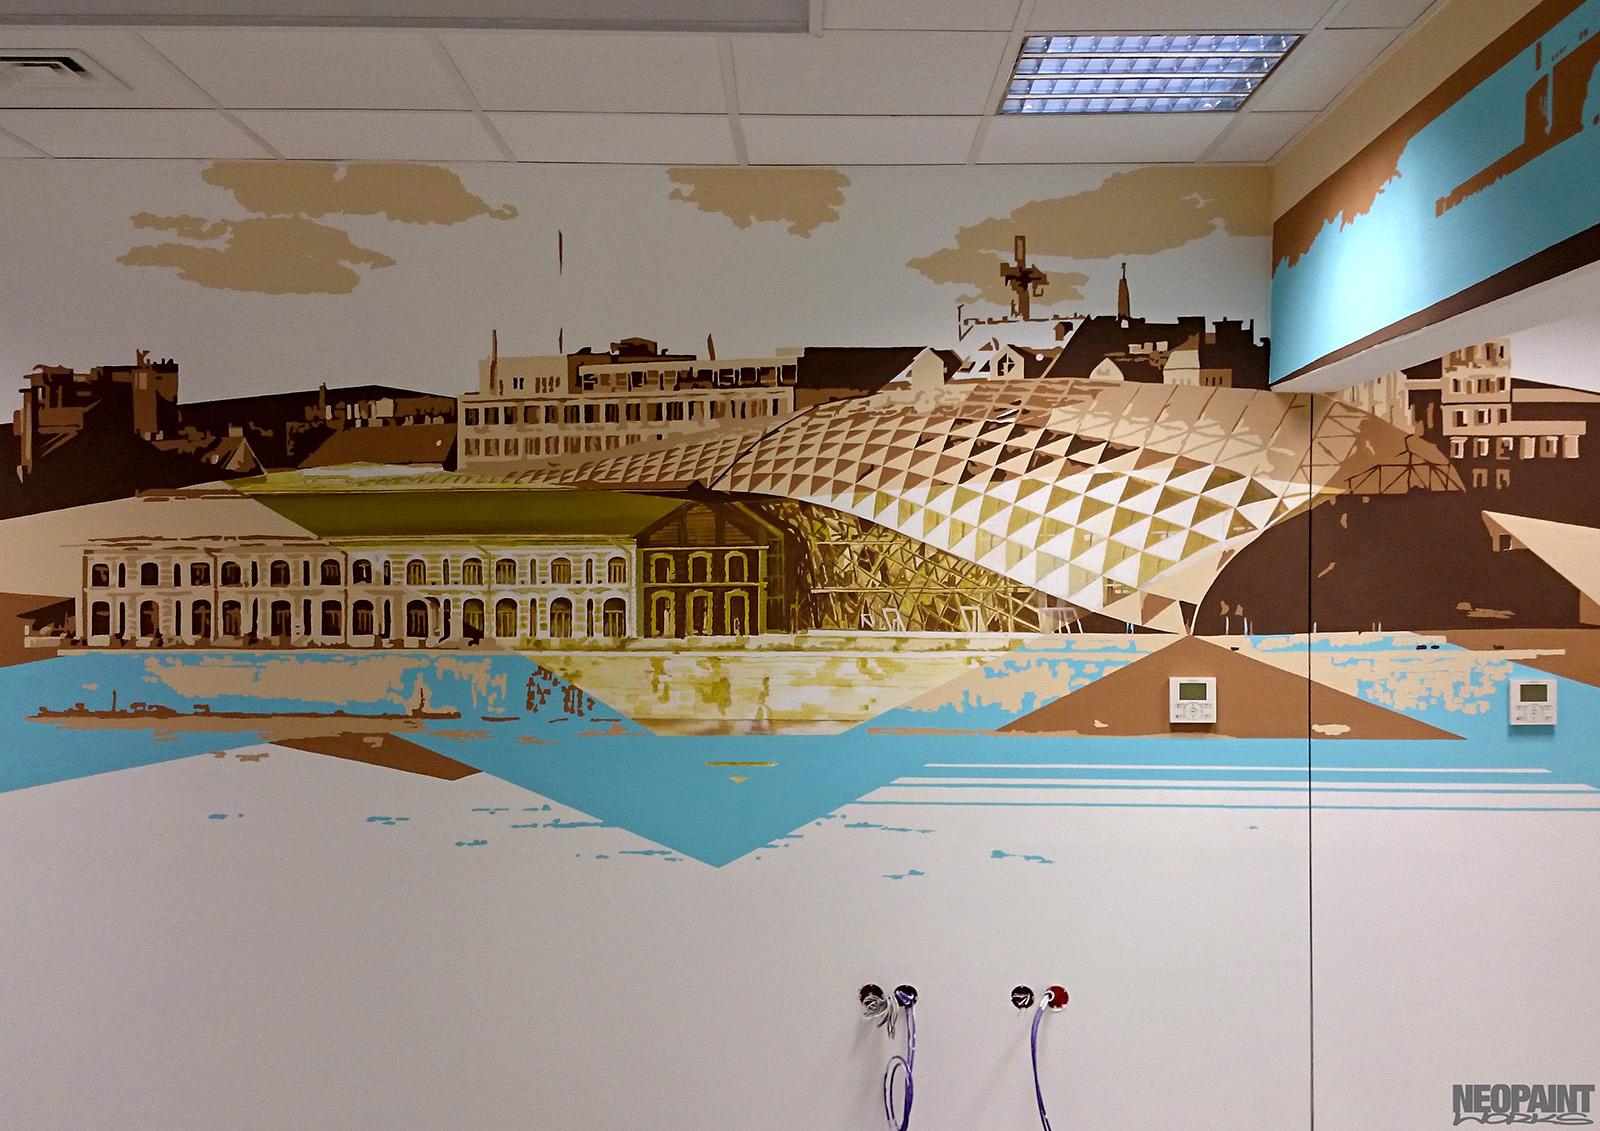 művészi falfestés - freskó - neopaint works